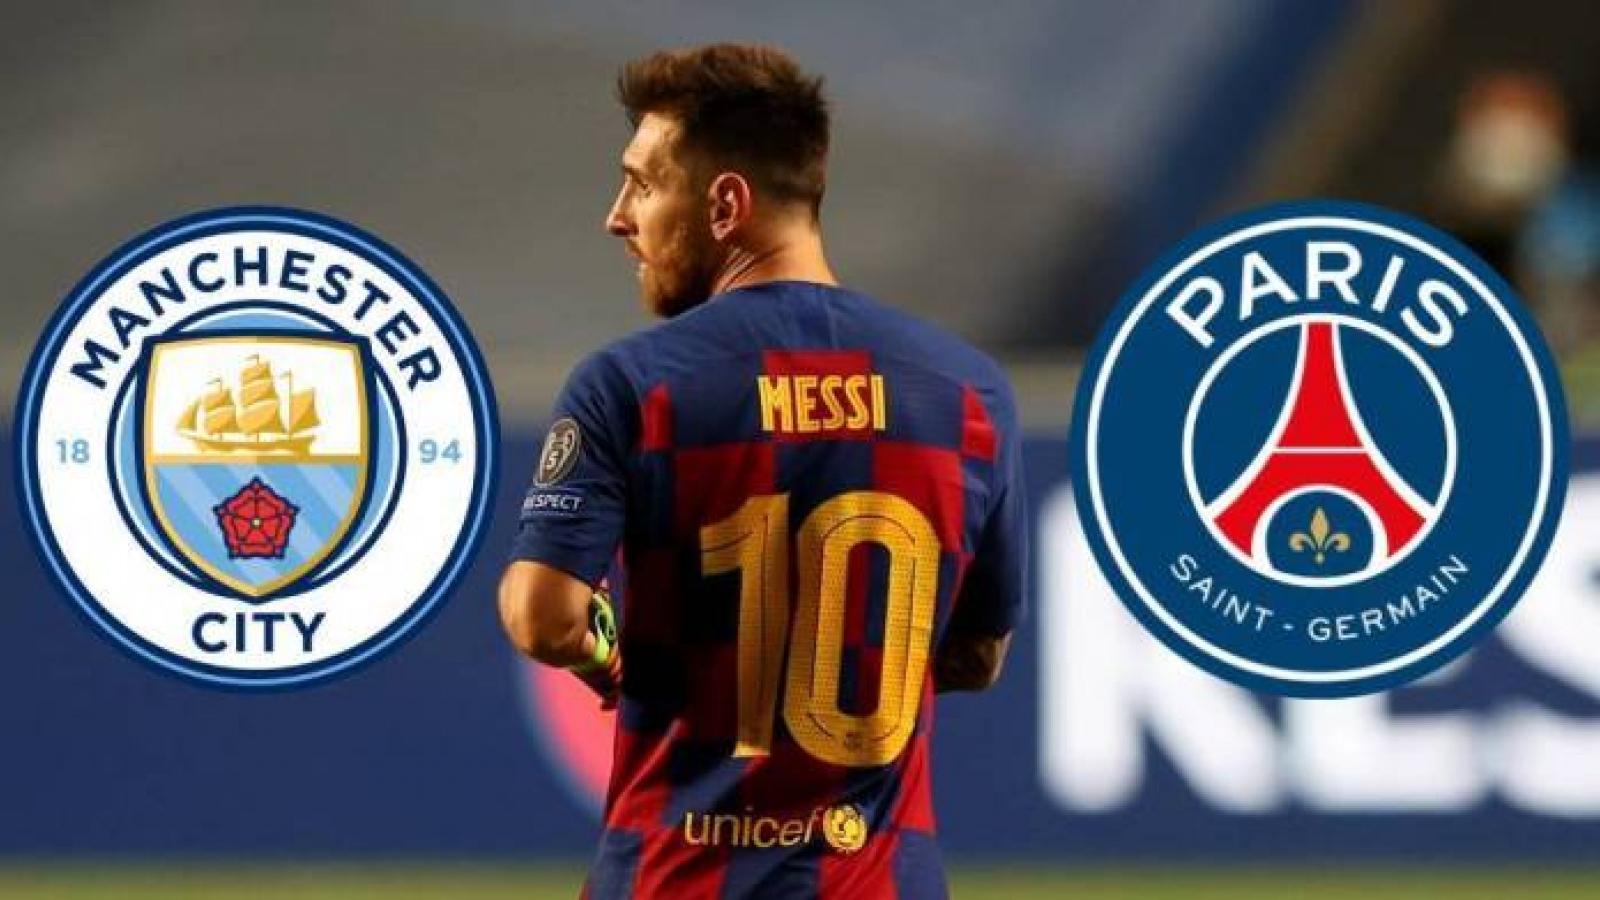 Man City quyết cạnh tranh với PSG thương vụ Messi